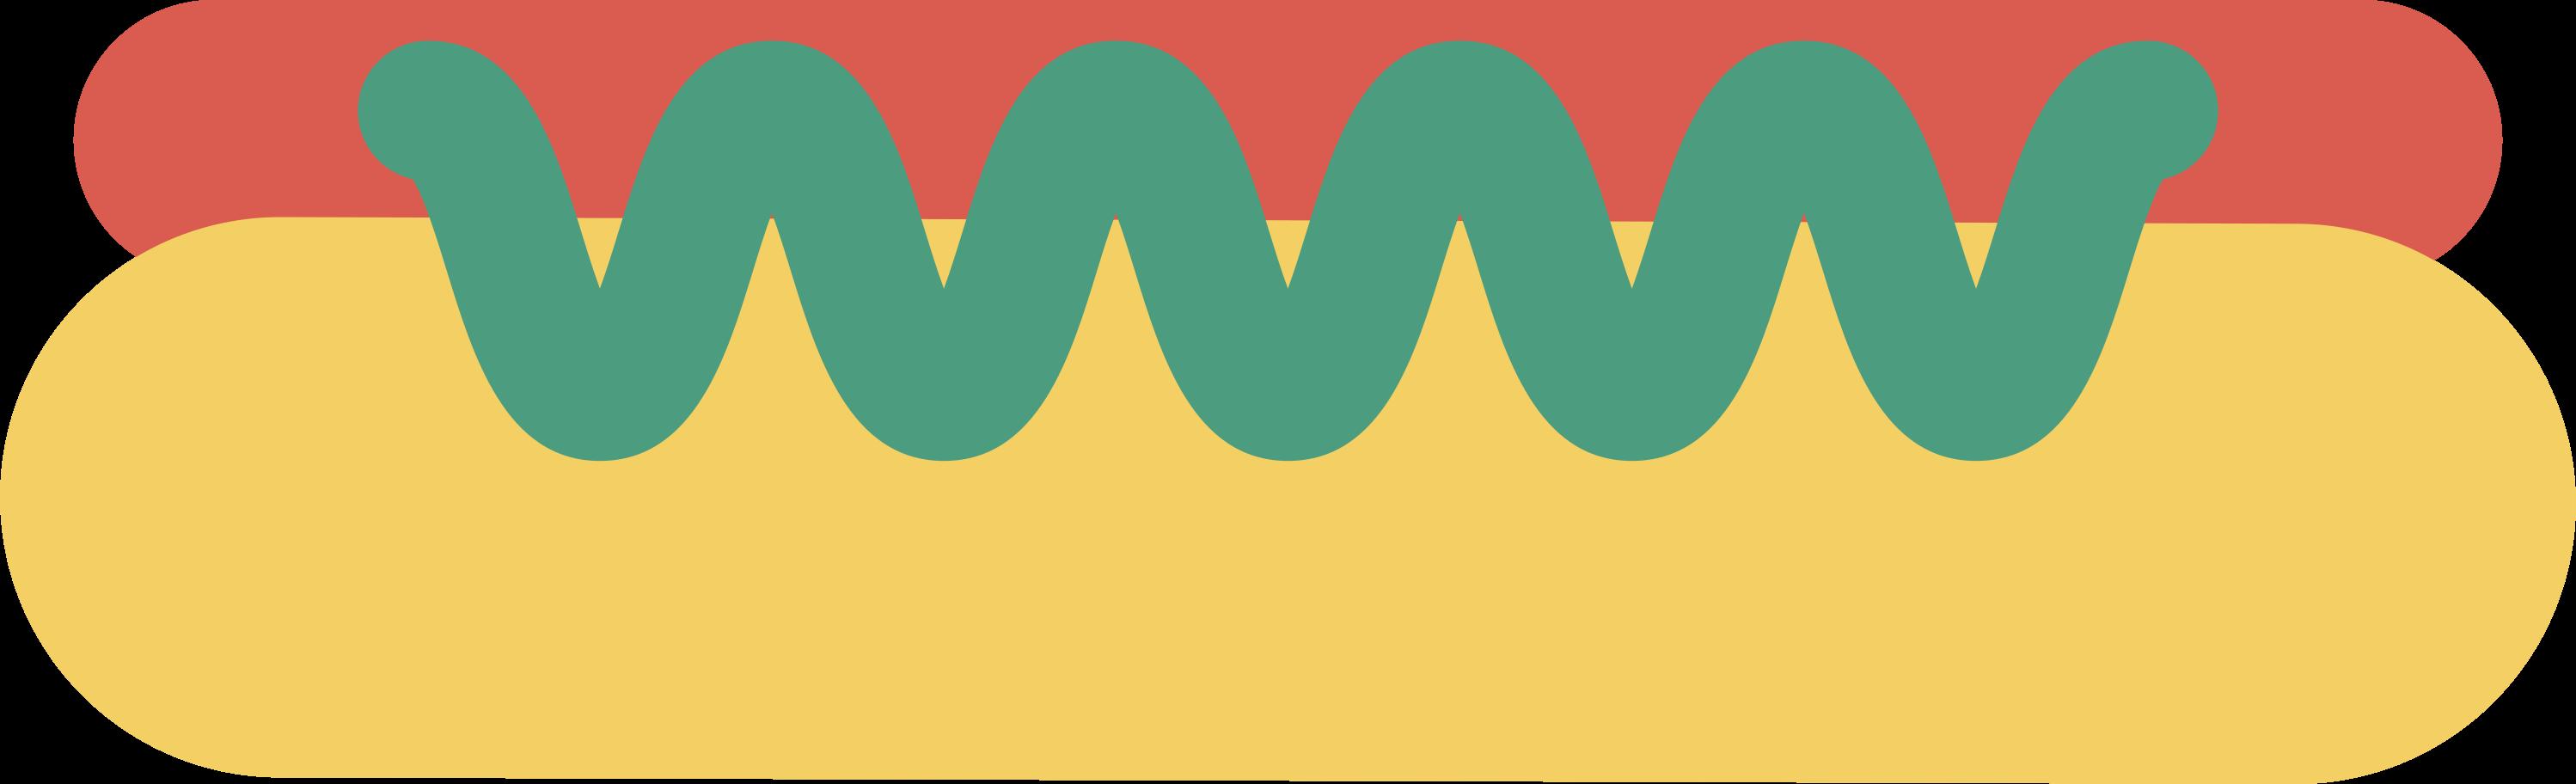 hot-dog Clipart illustration in PNG, SVG